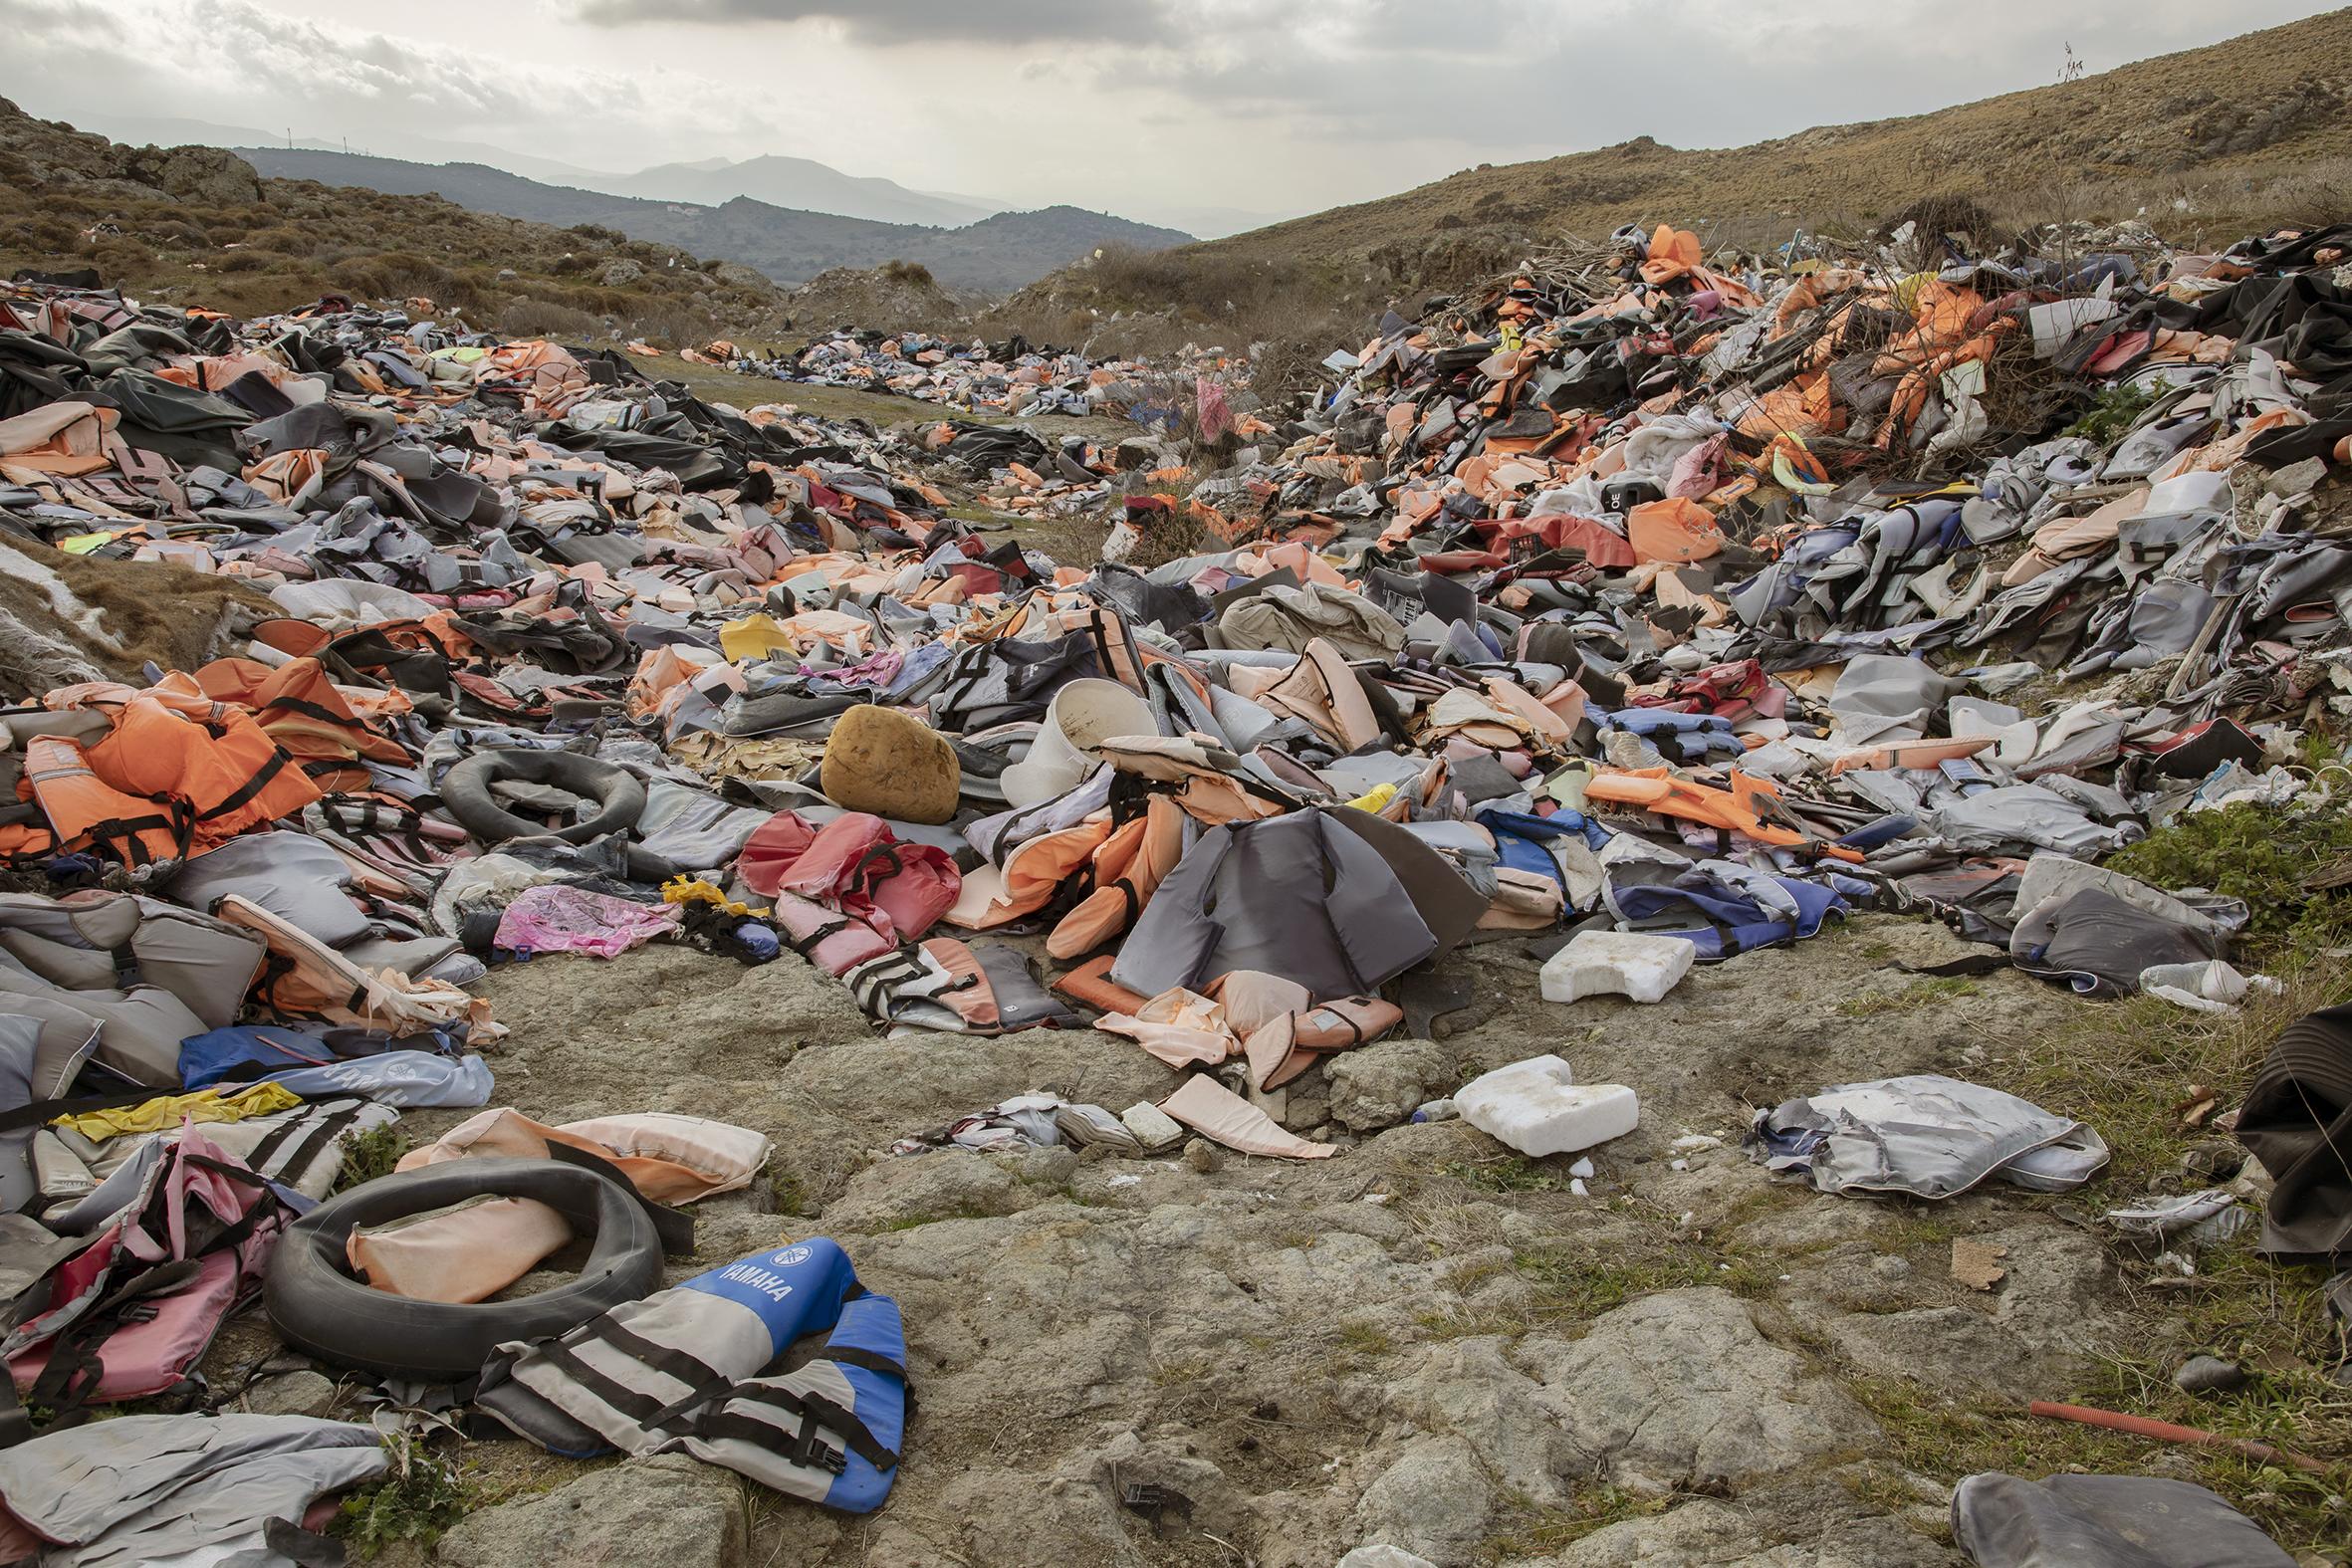 Gilets de sauvetage utilisés par des migrants pour la traversée en bateau, puis abandonnés dans une décharge, Lesbos, 2020 © Mathieu Pernot